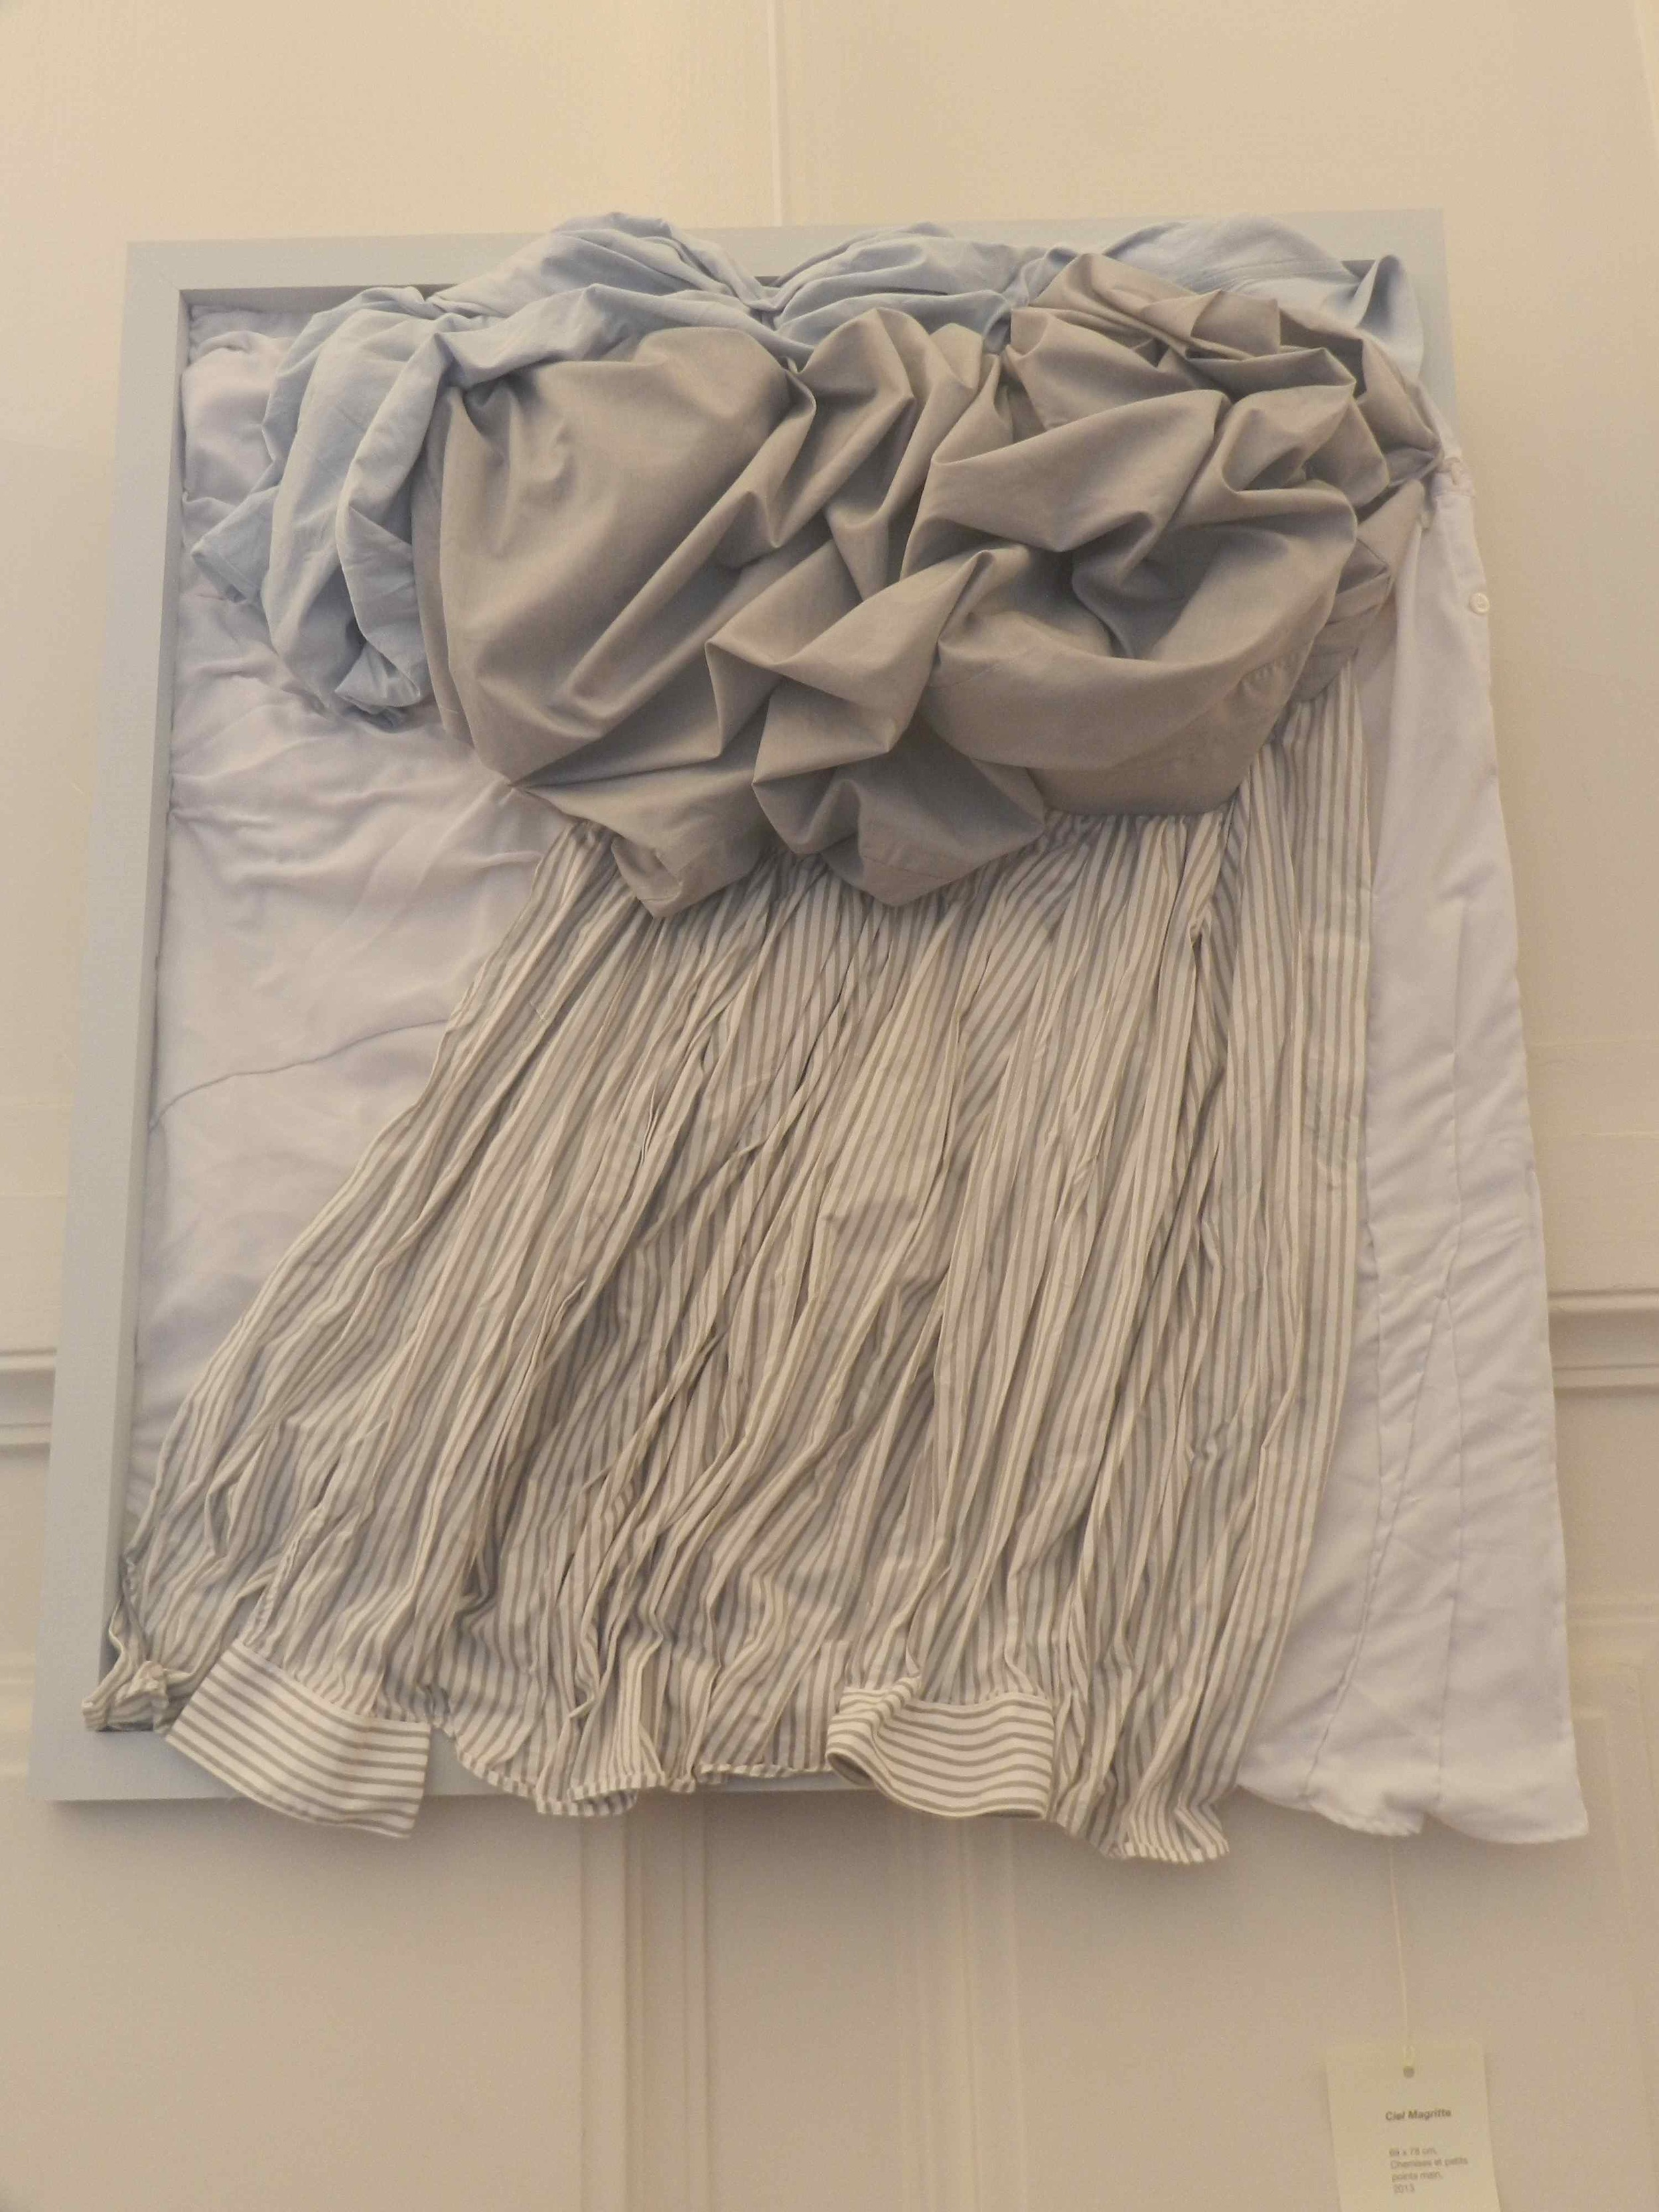 Ciel Magritte